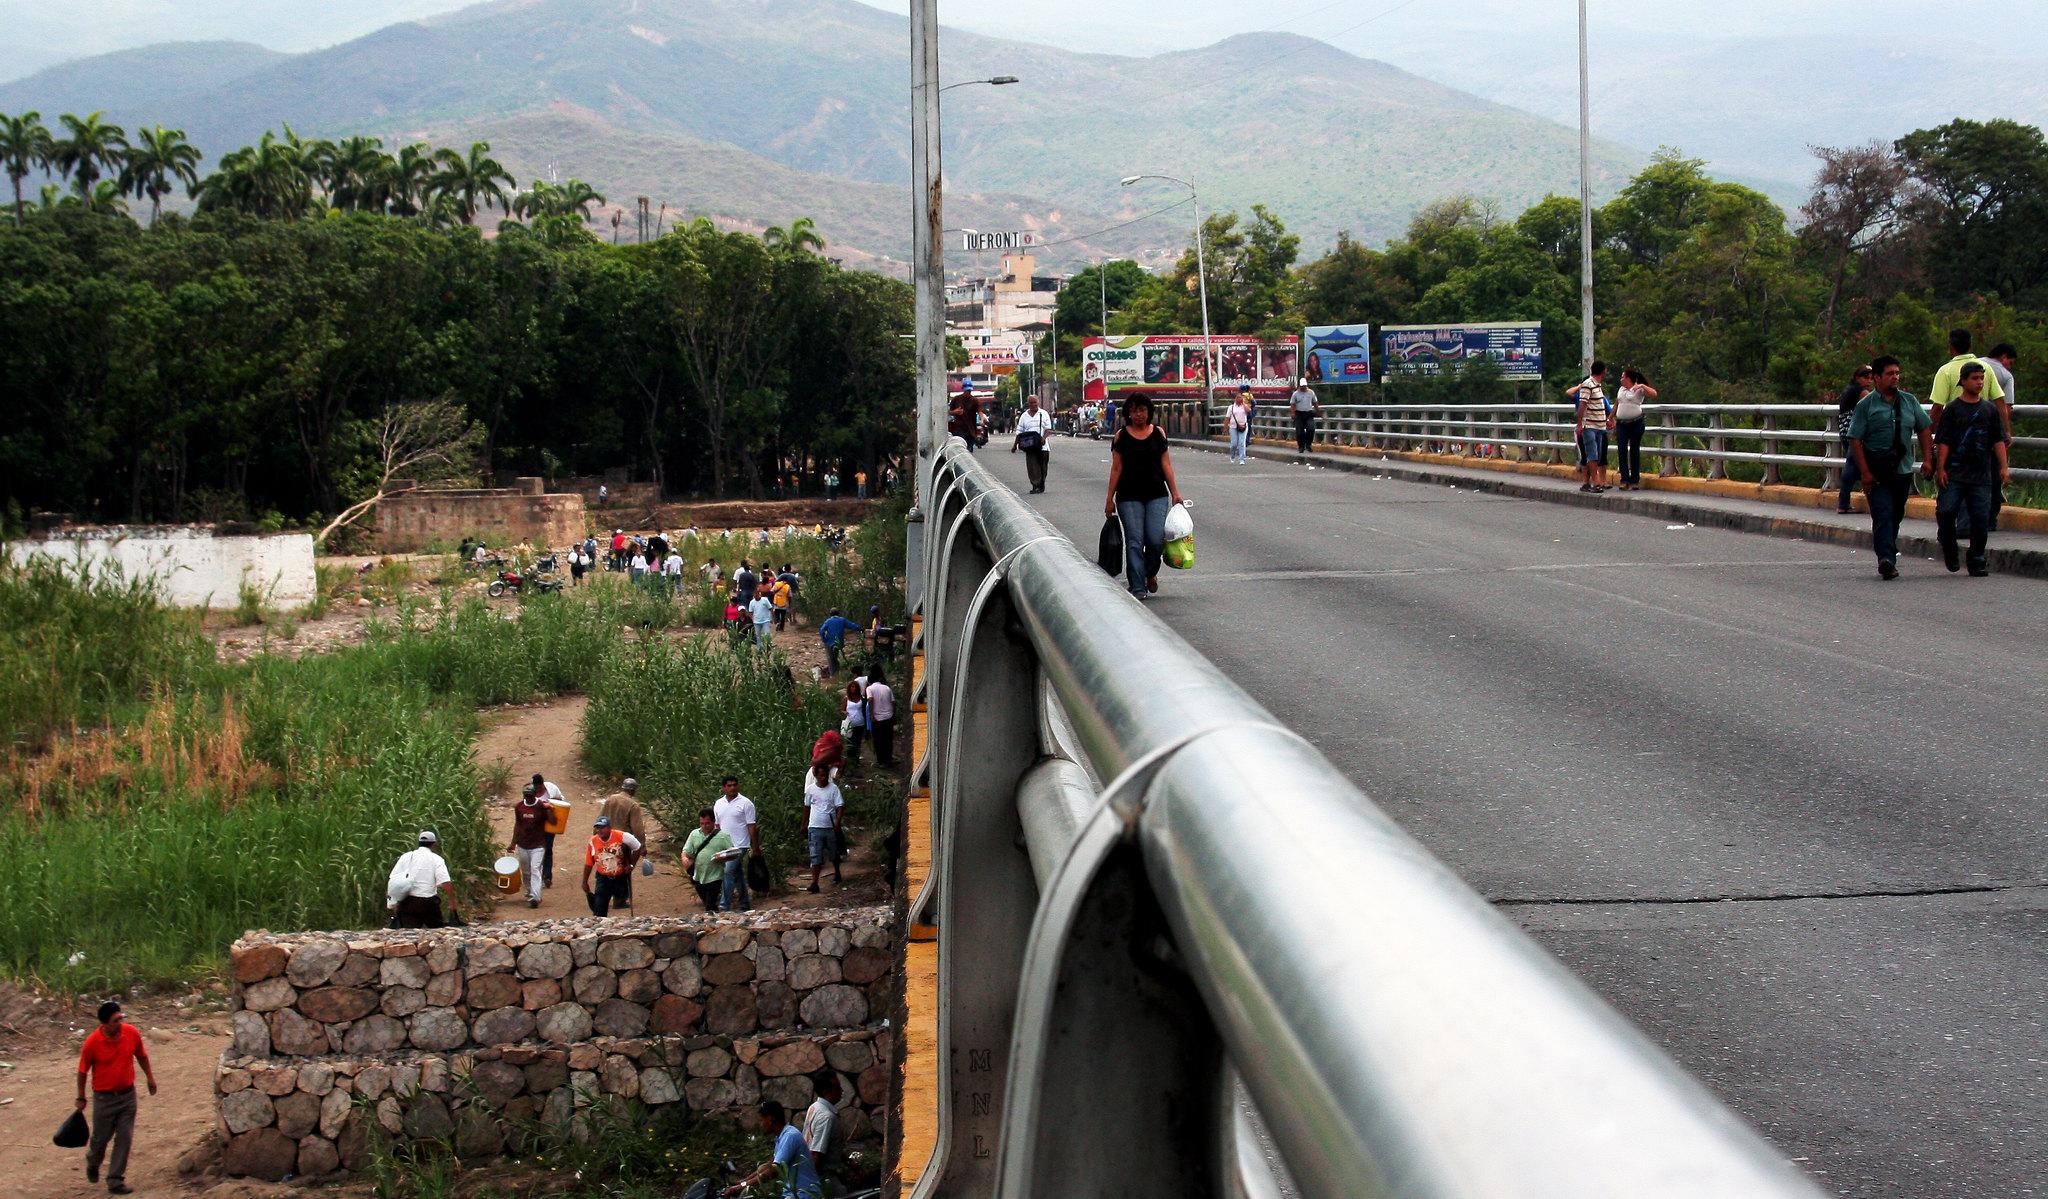 Anuncian donación de $ 1500 millones para migrantes venezolanos